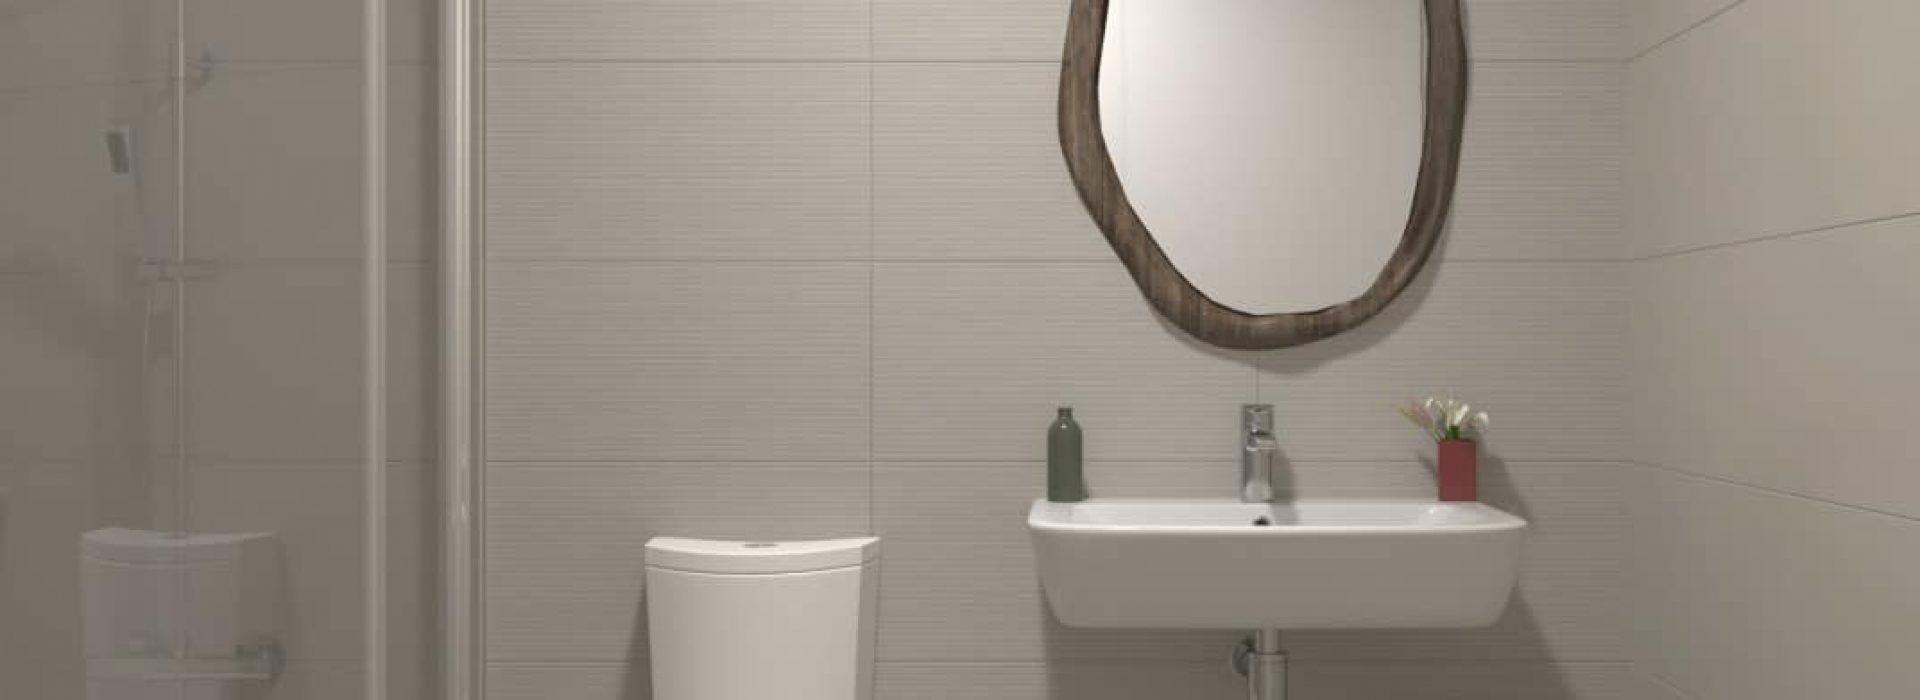 nowe-apartamenty-w-kompleksie-z-pieknymi-basenami-4-17910